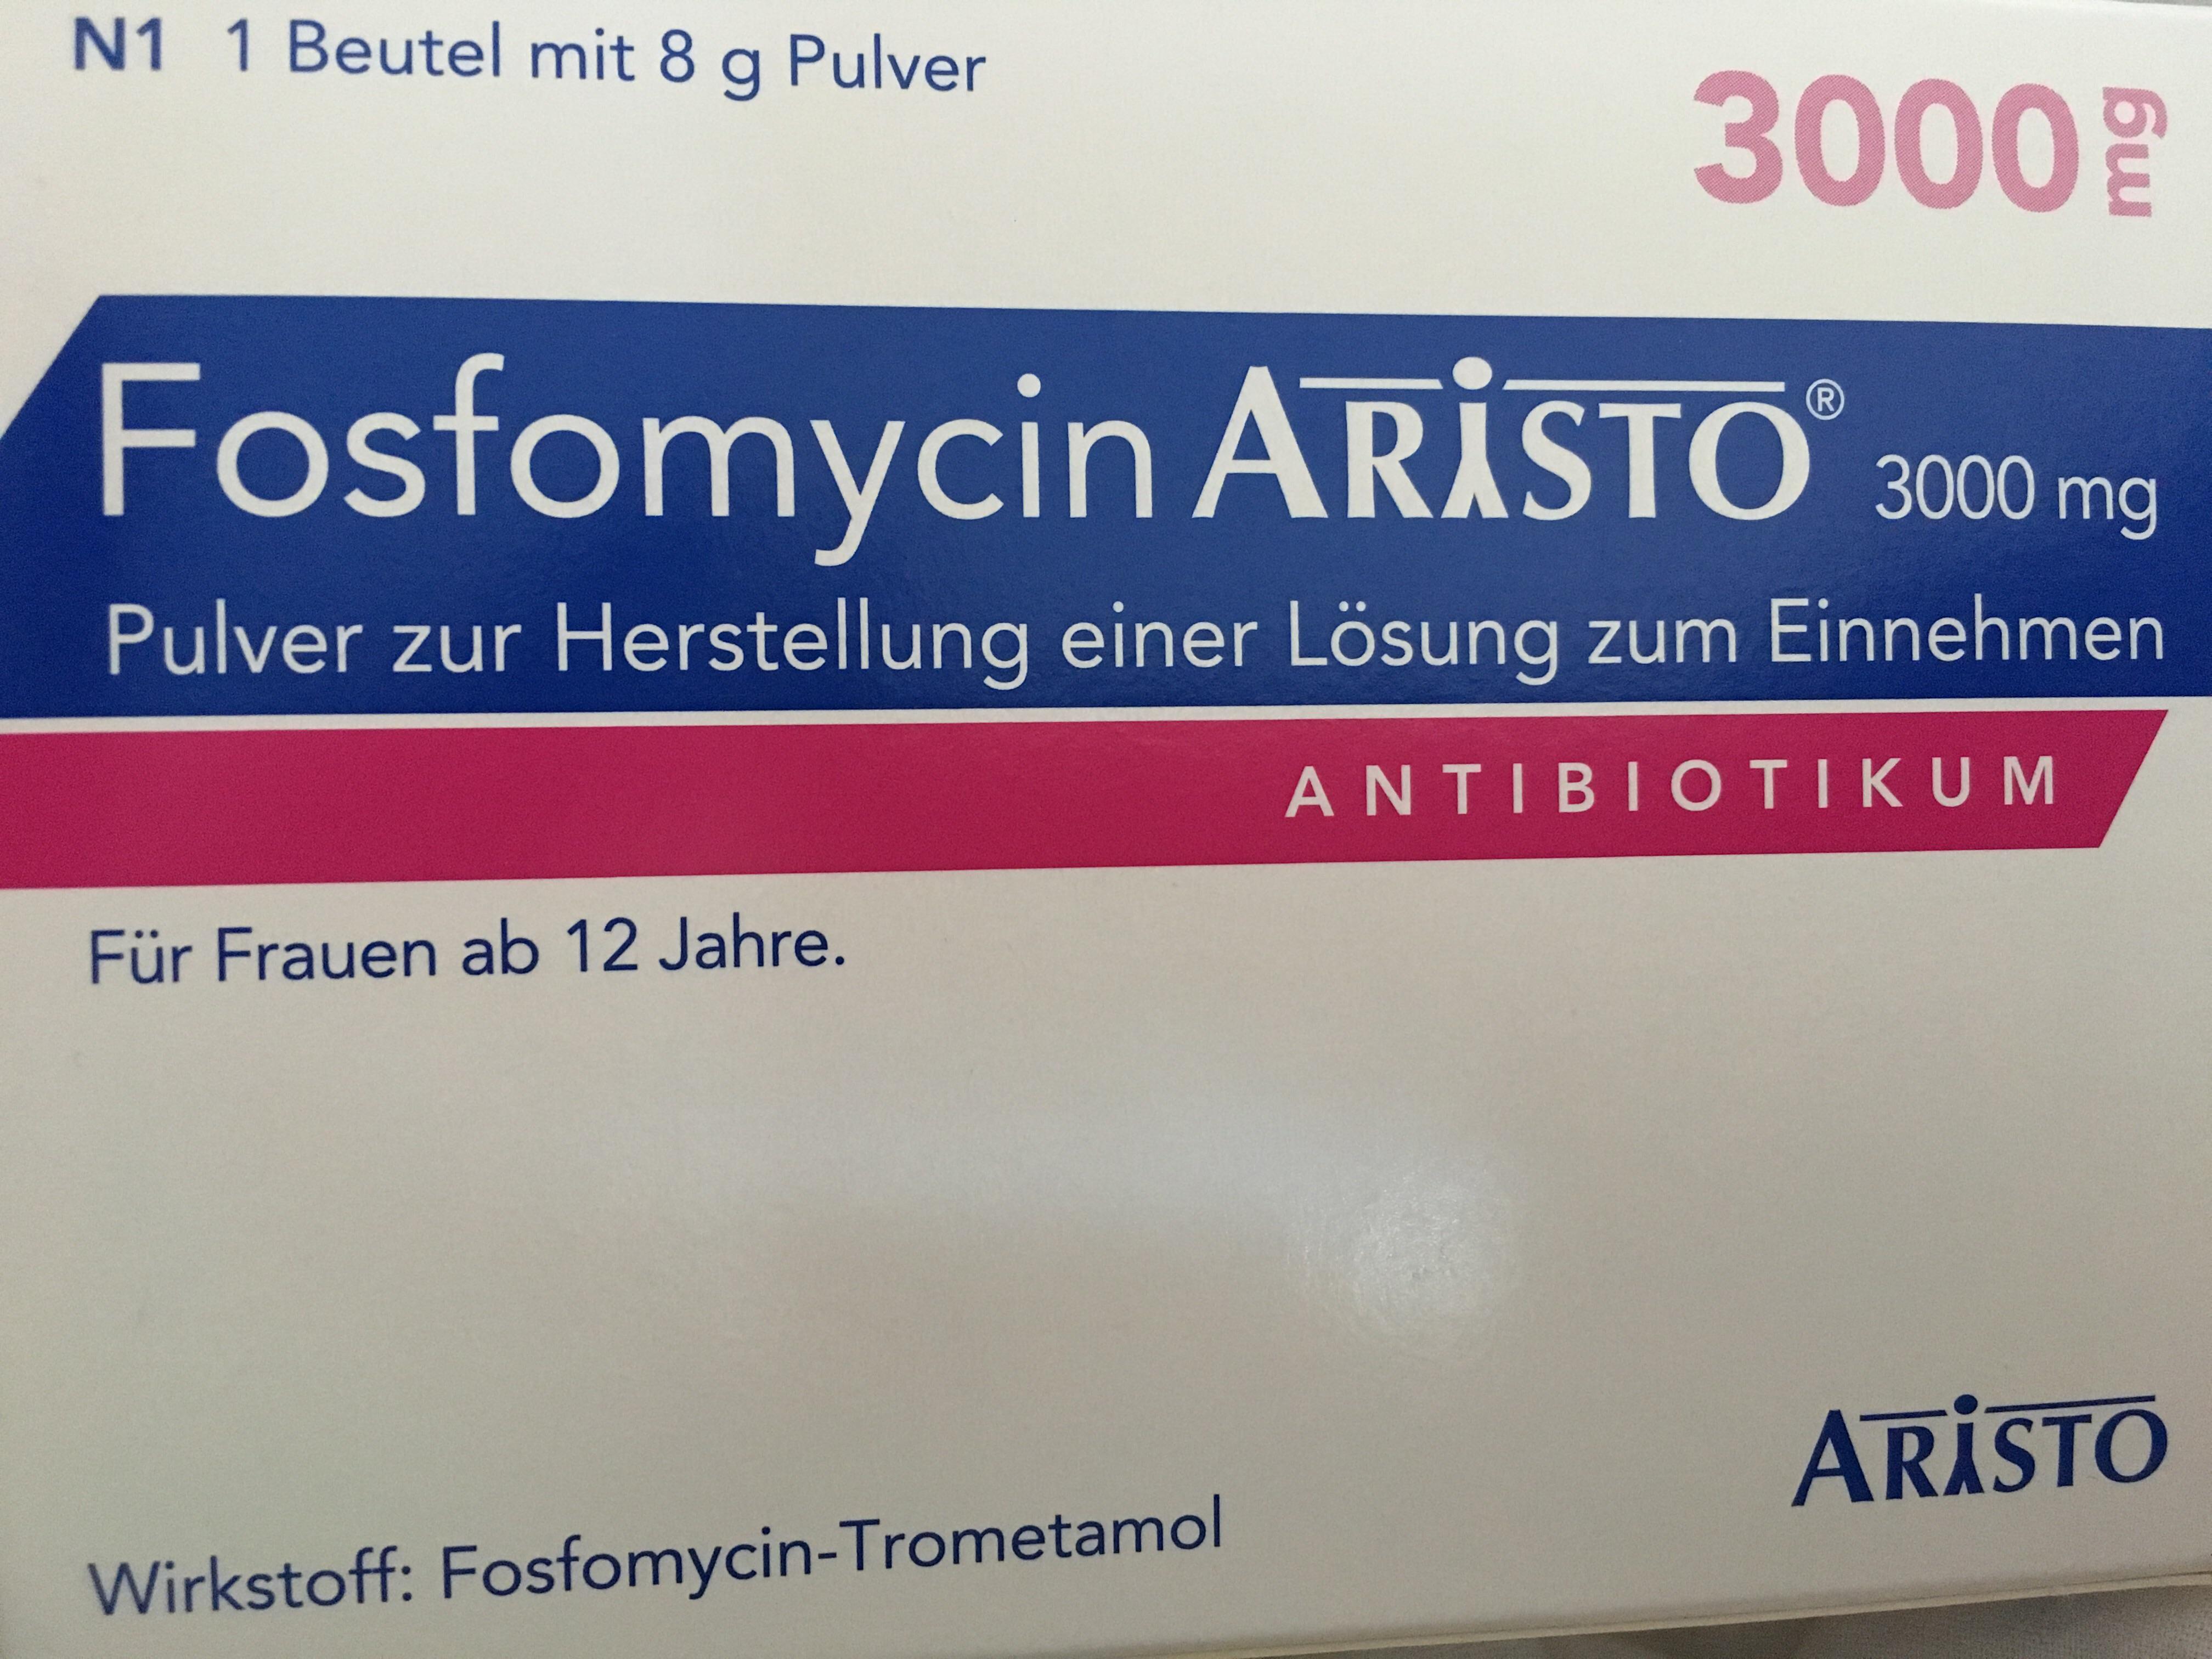 Wie lange dauert es bis das Antibiotikum anschlägt